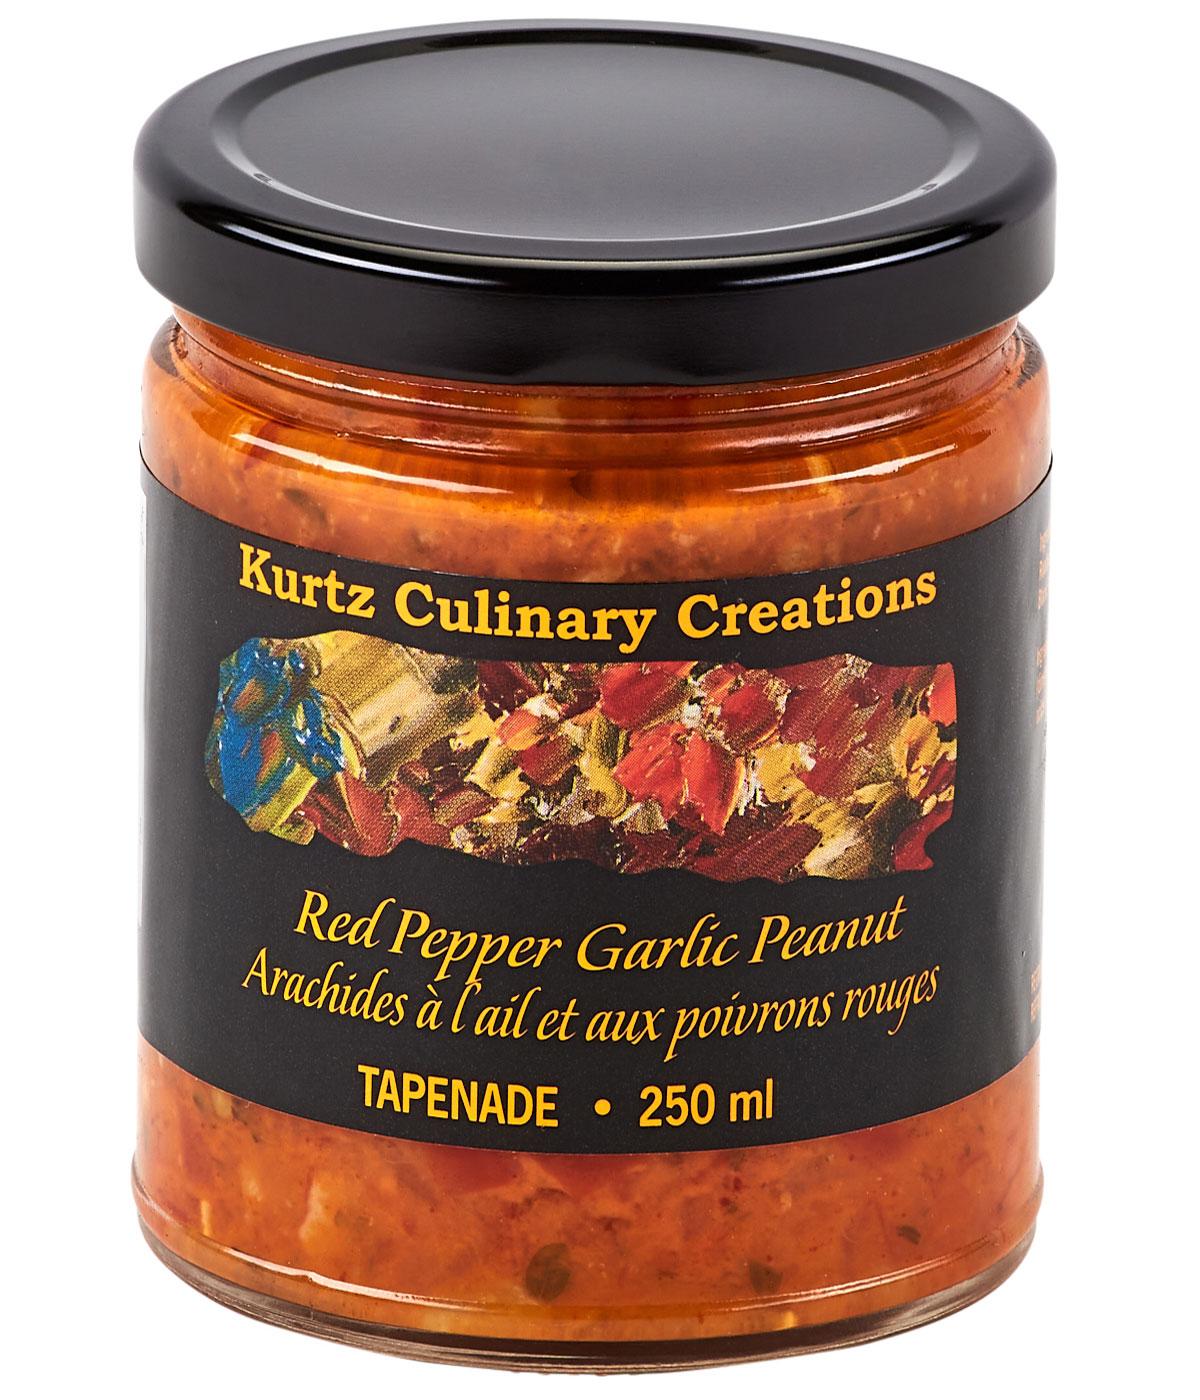 Red Pepper Garlic Peanut